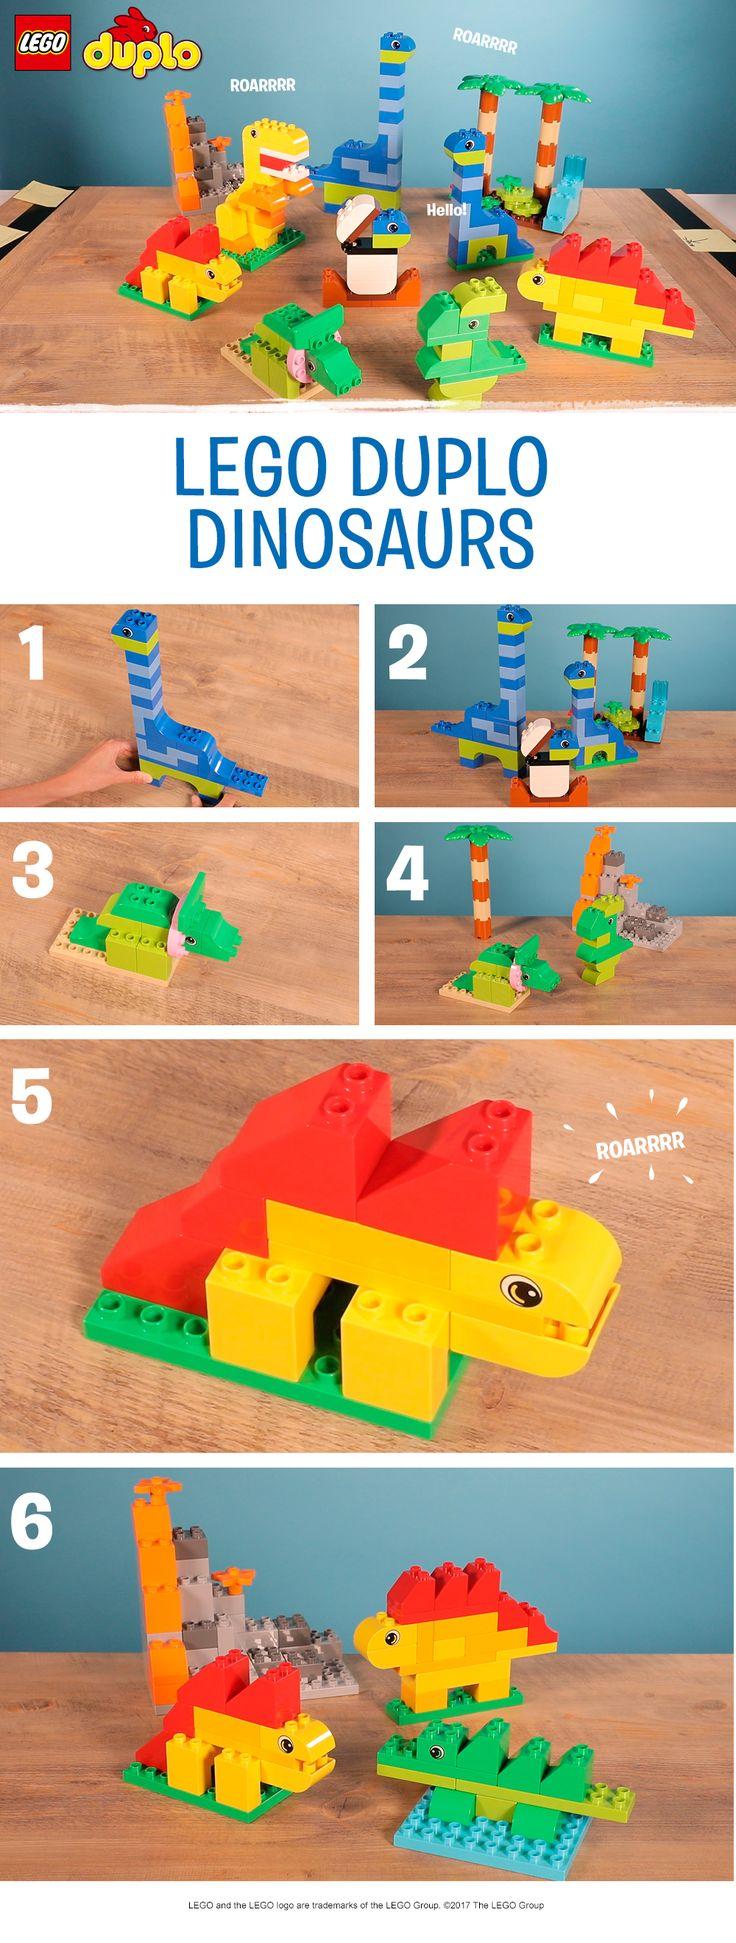 die besten 25 lego dinosaurier ideen auf pinterest lego ideen lego und lego anleitung. Black Bedroom Furniture Sets. Home Design Ideas